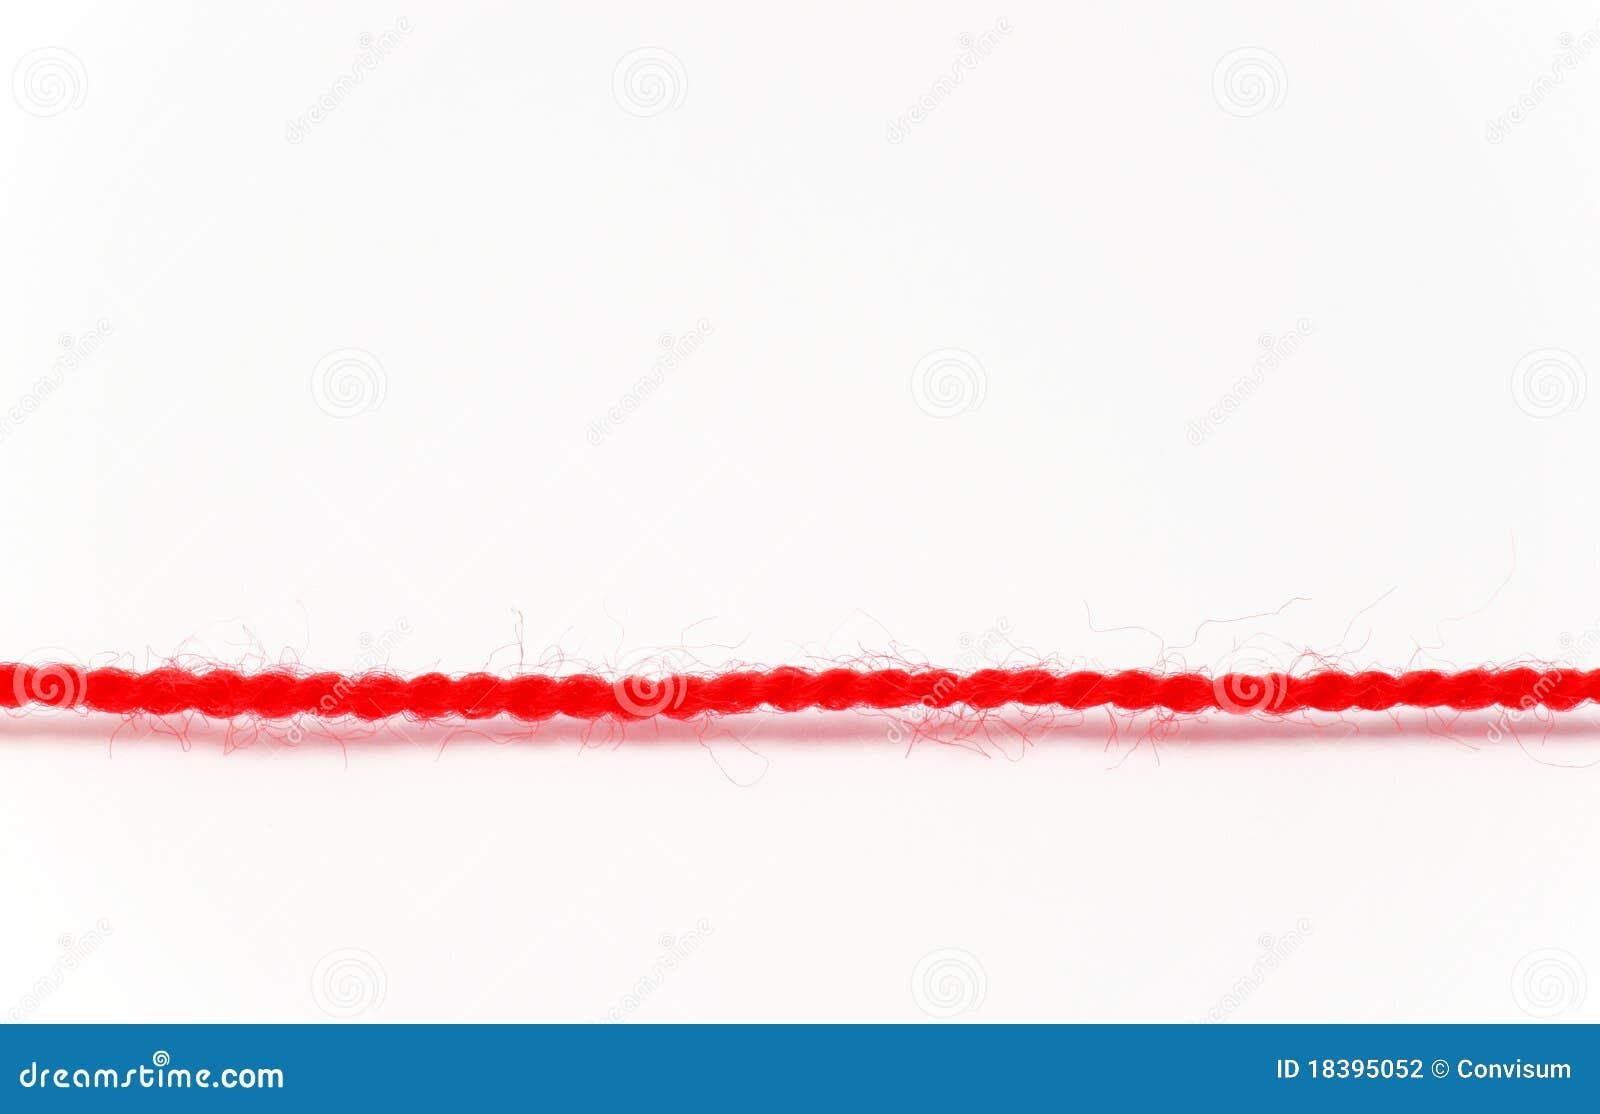 Filetto rosso